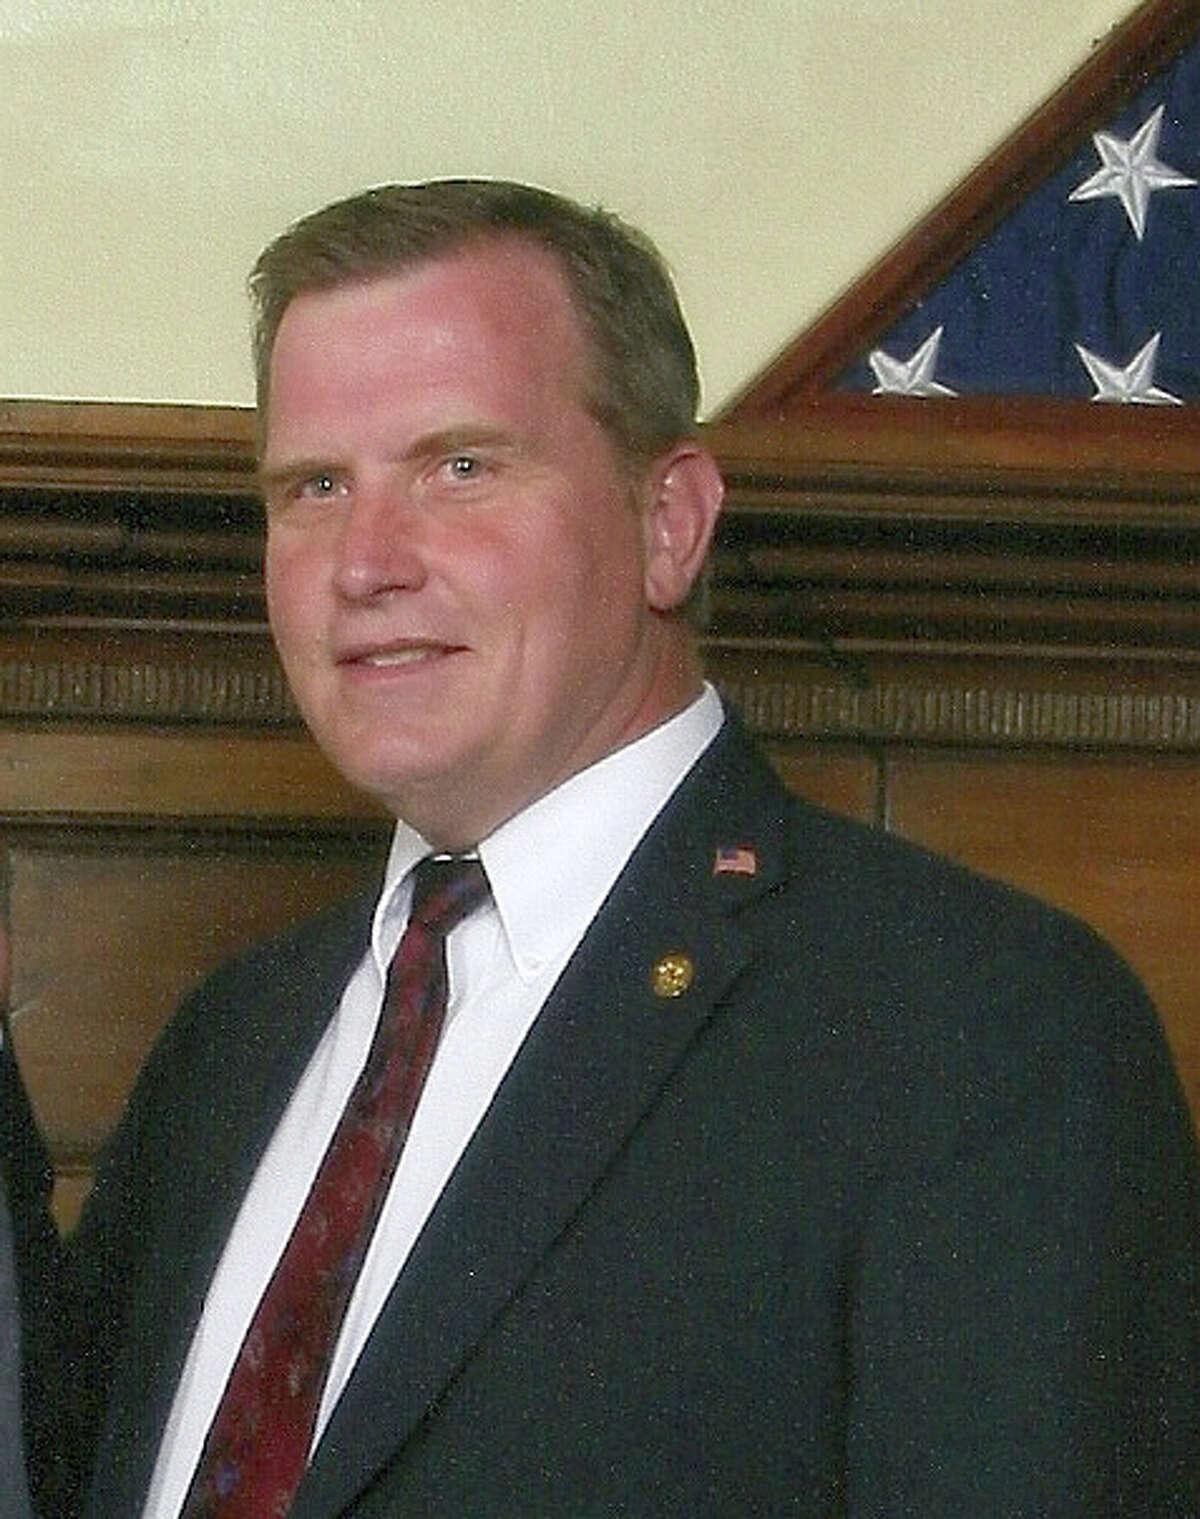 J.R. McMullen